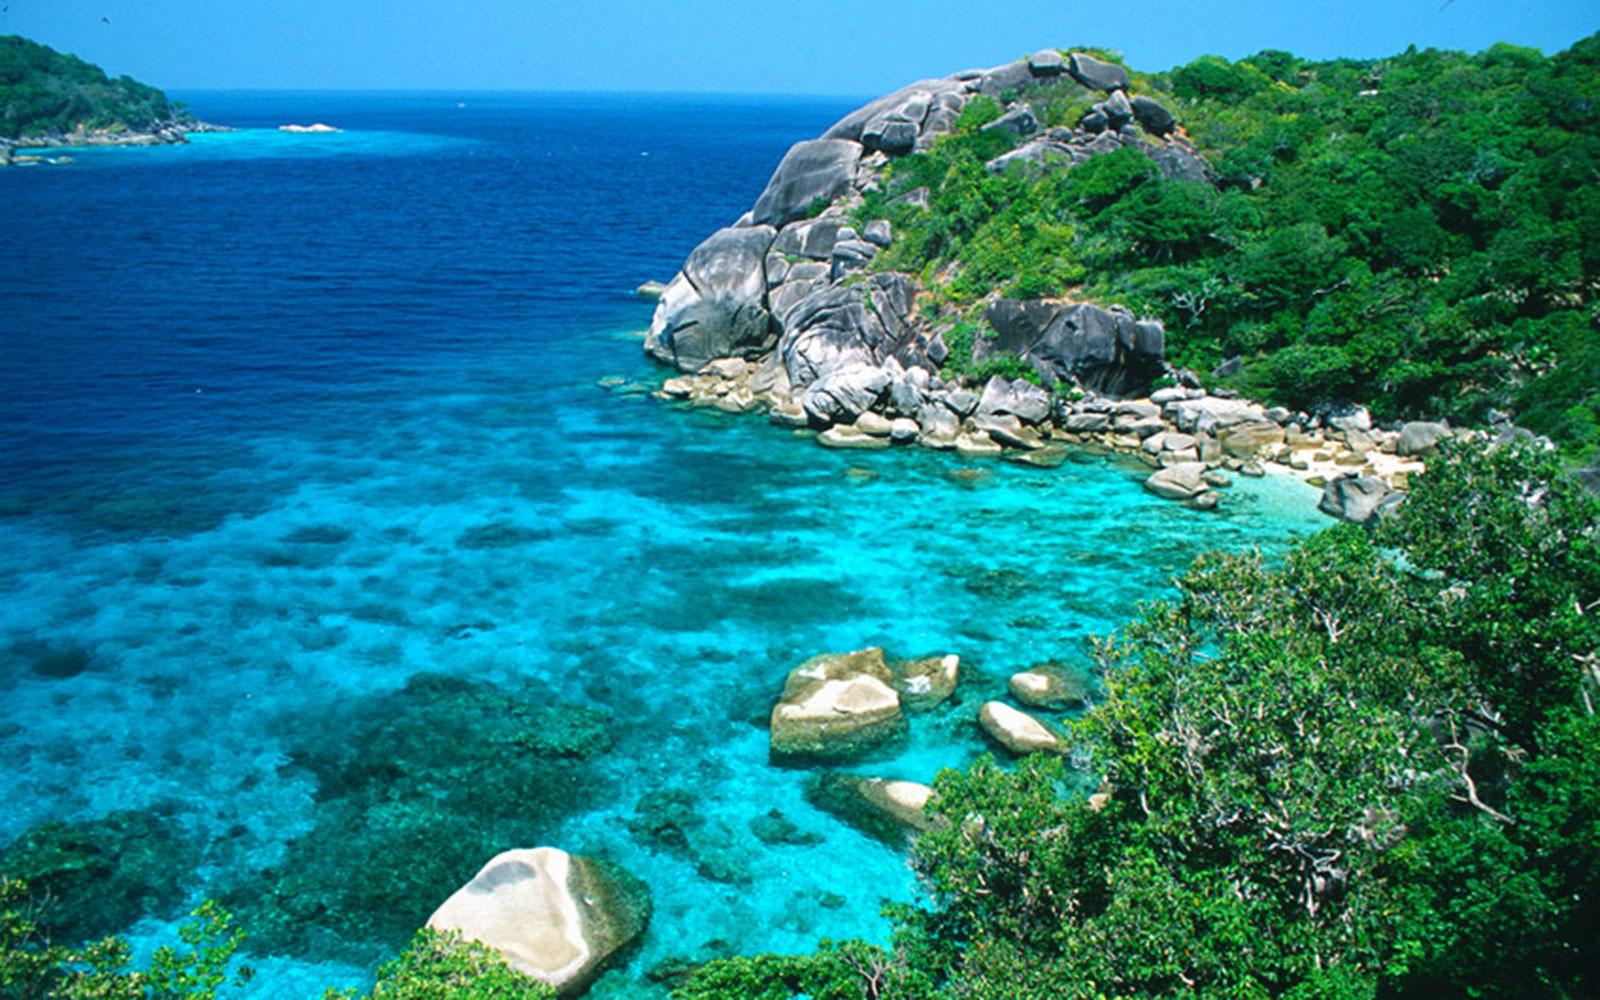 افضل 10 جزر ساحرة في جنوب شرق آسيا